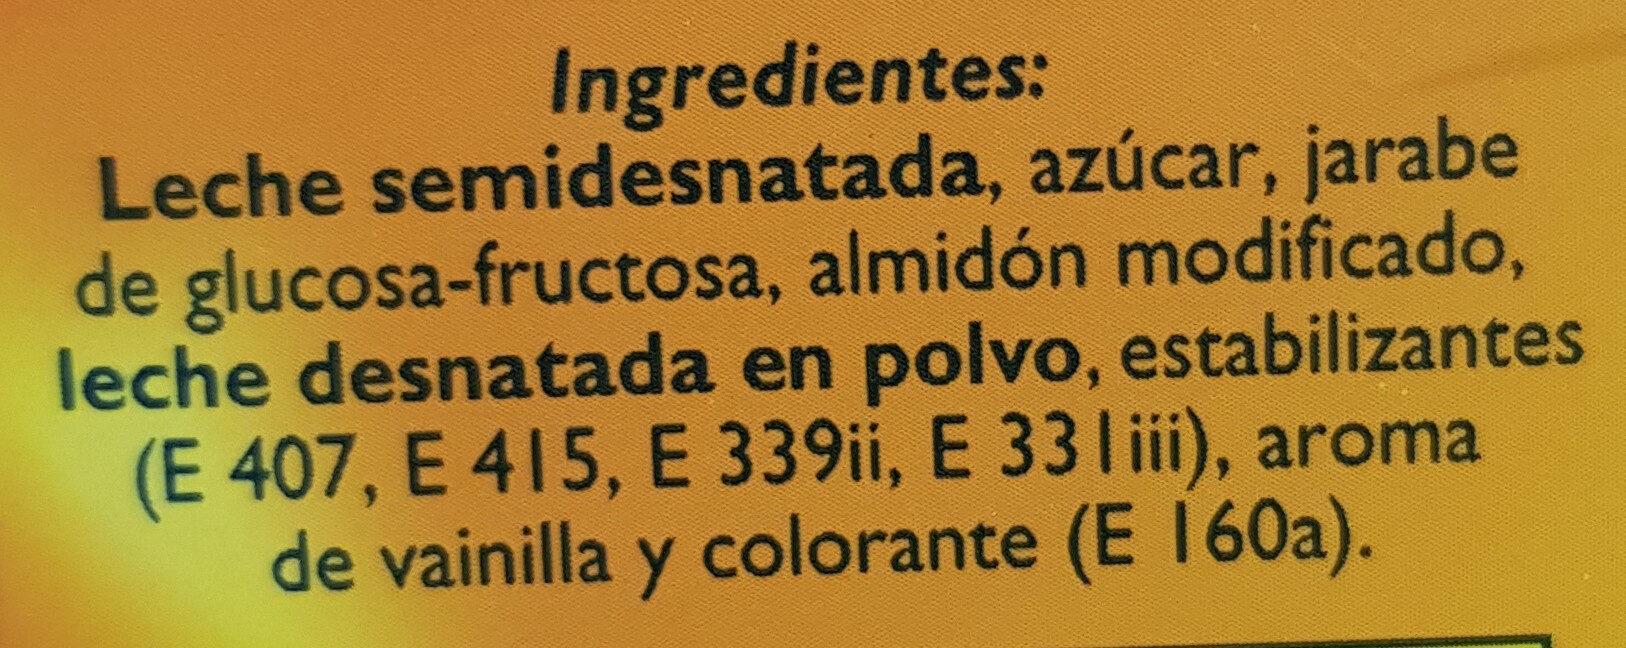 Natillas de vainilla - Ingredients - es